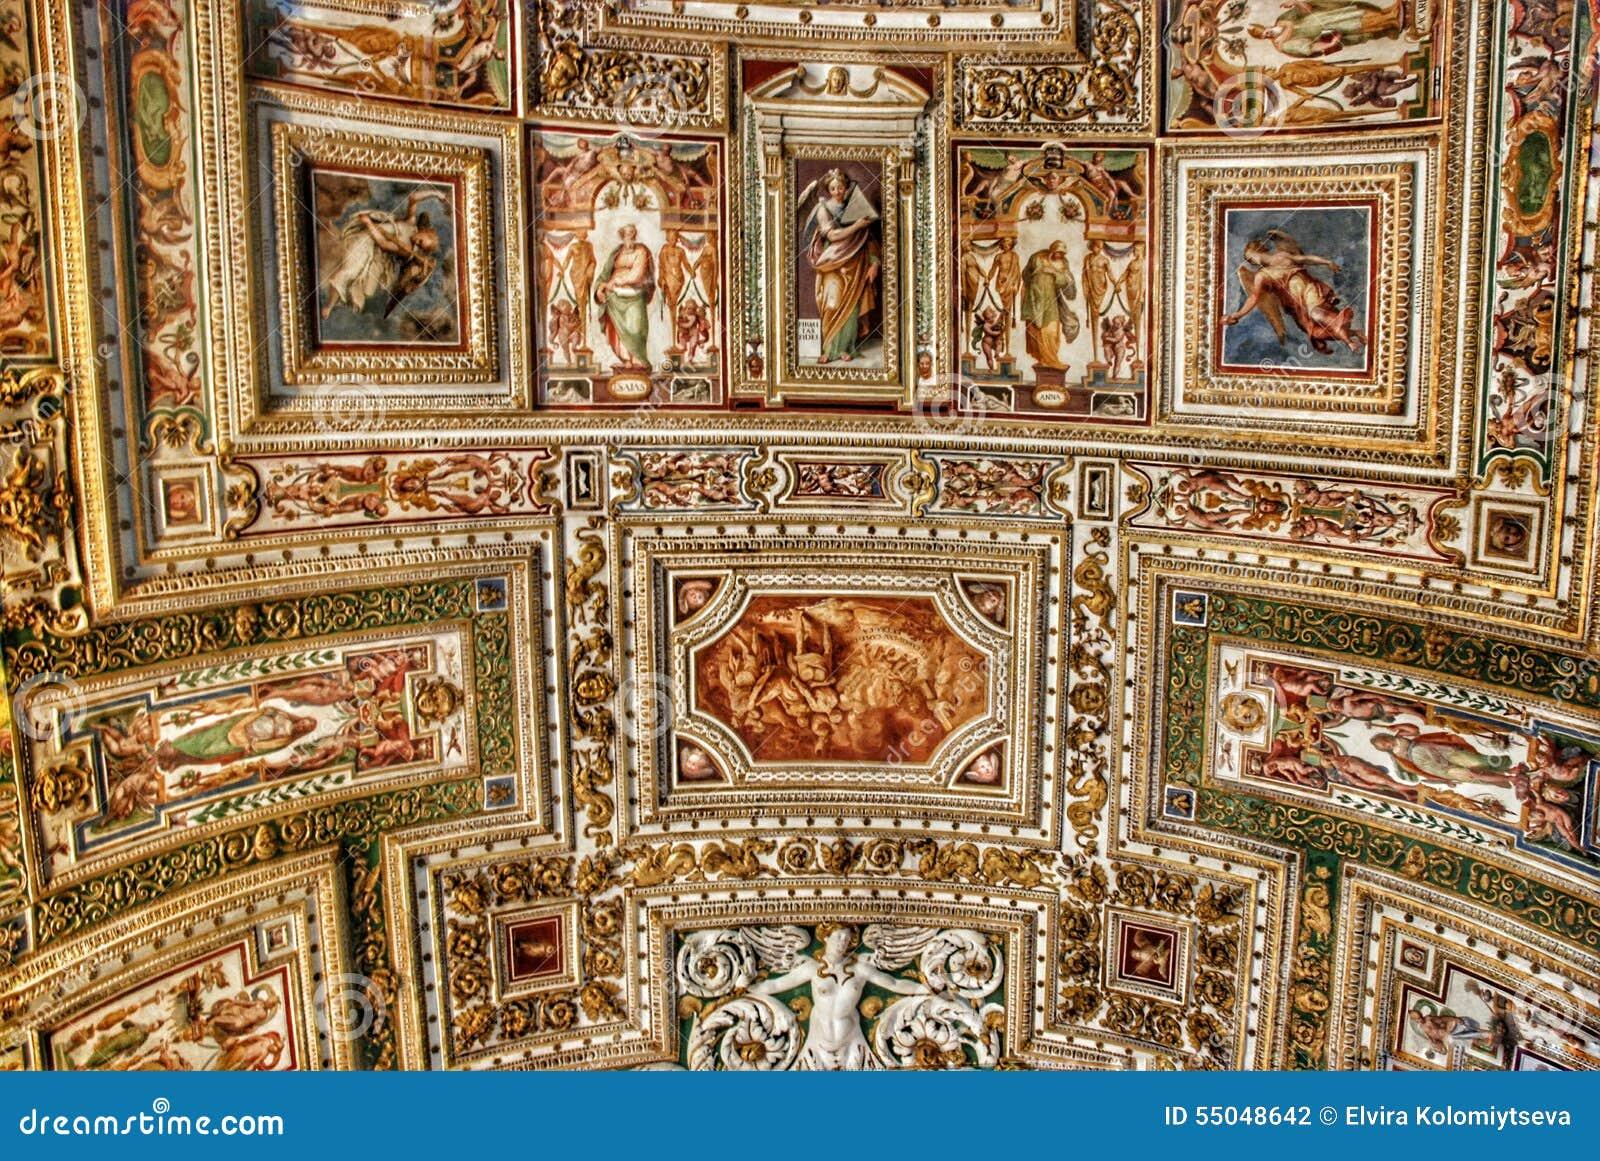 Techo exquisito de la galería de mapas, museo del Vaticano, Roma